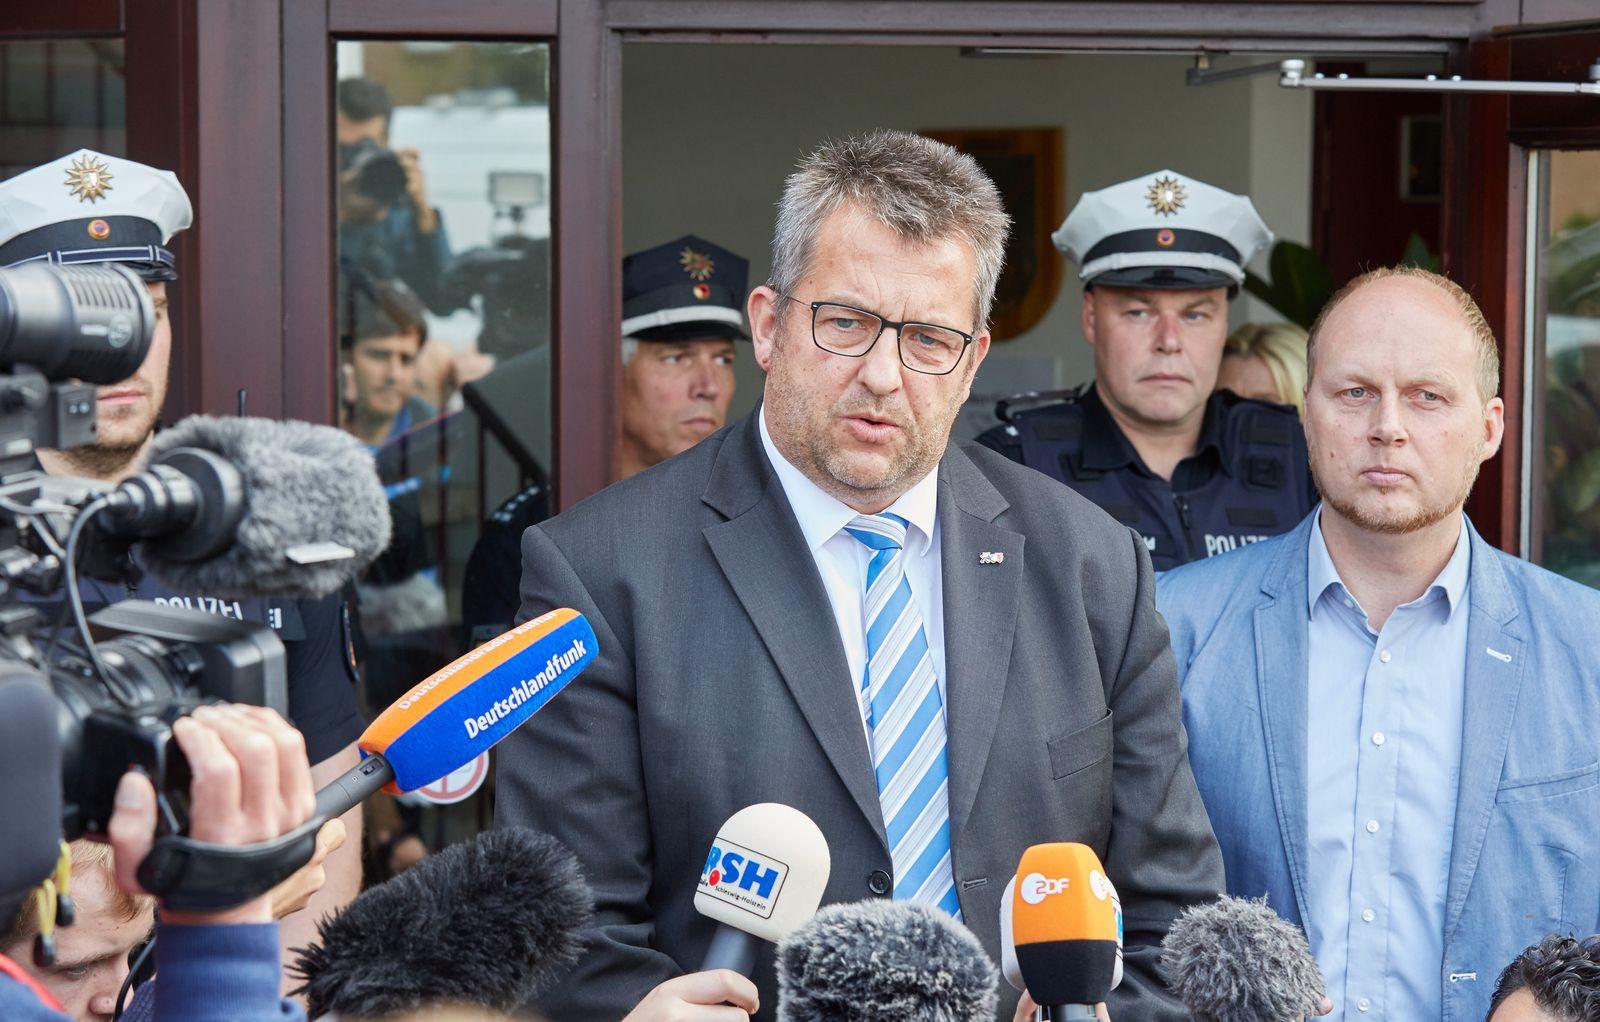 Oersdorf / Innenminister Stefan Studt